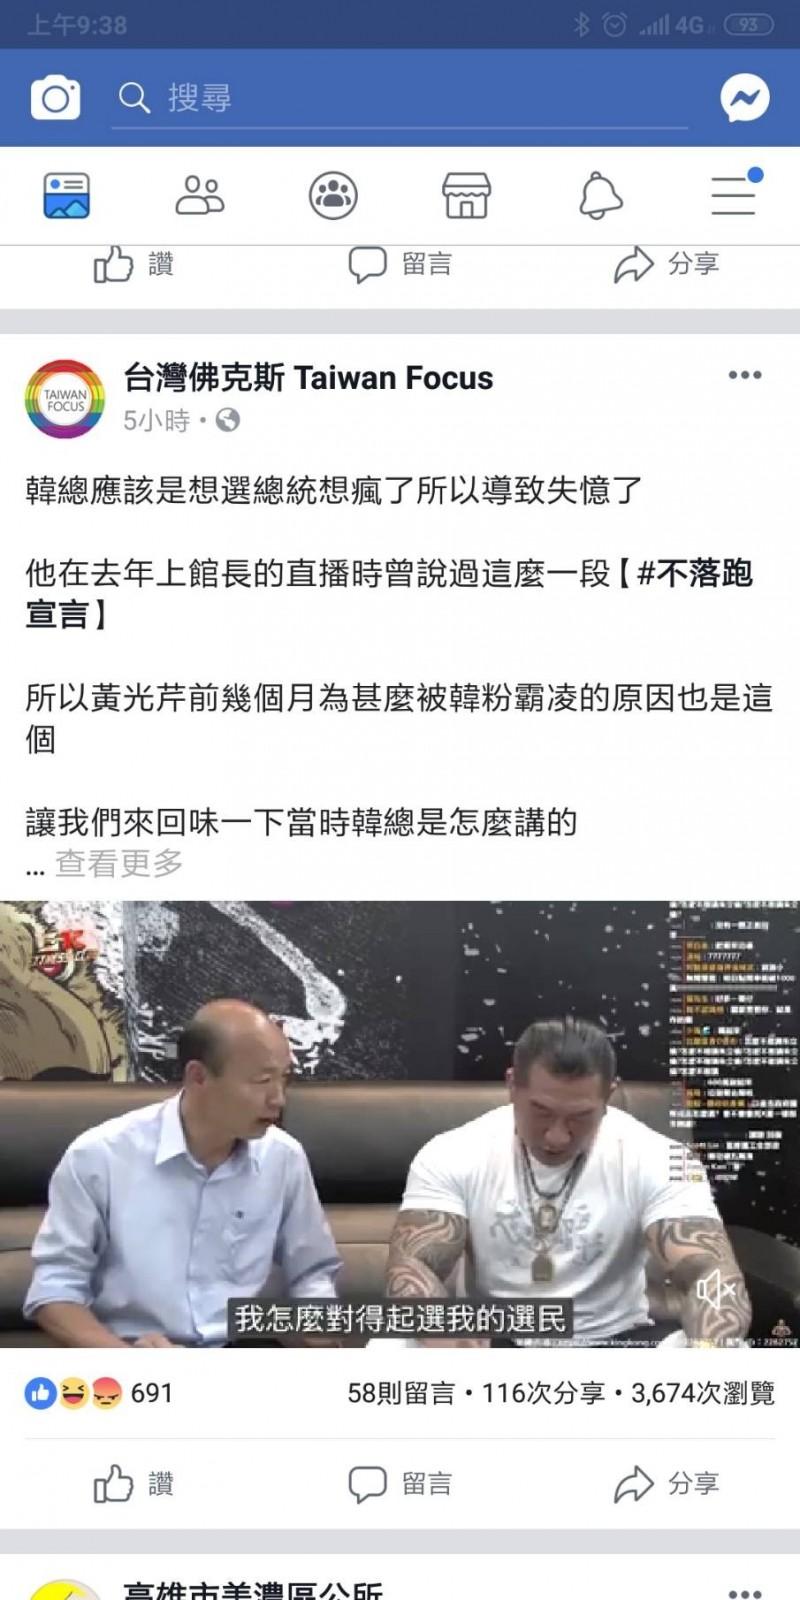 韓國瑜公開承諾自己不會當落跑市長,對照日前發表的聲明相當諷刺。(記者黃佳琳翻攝)